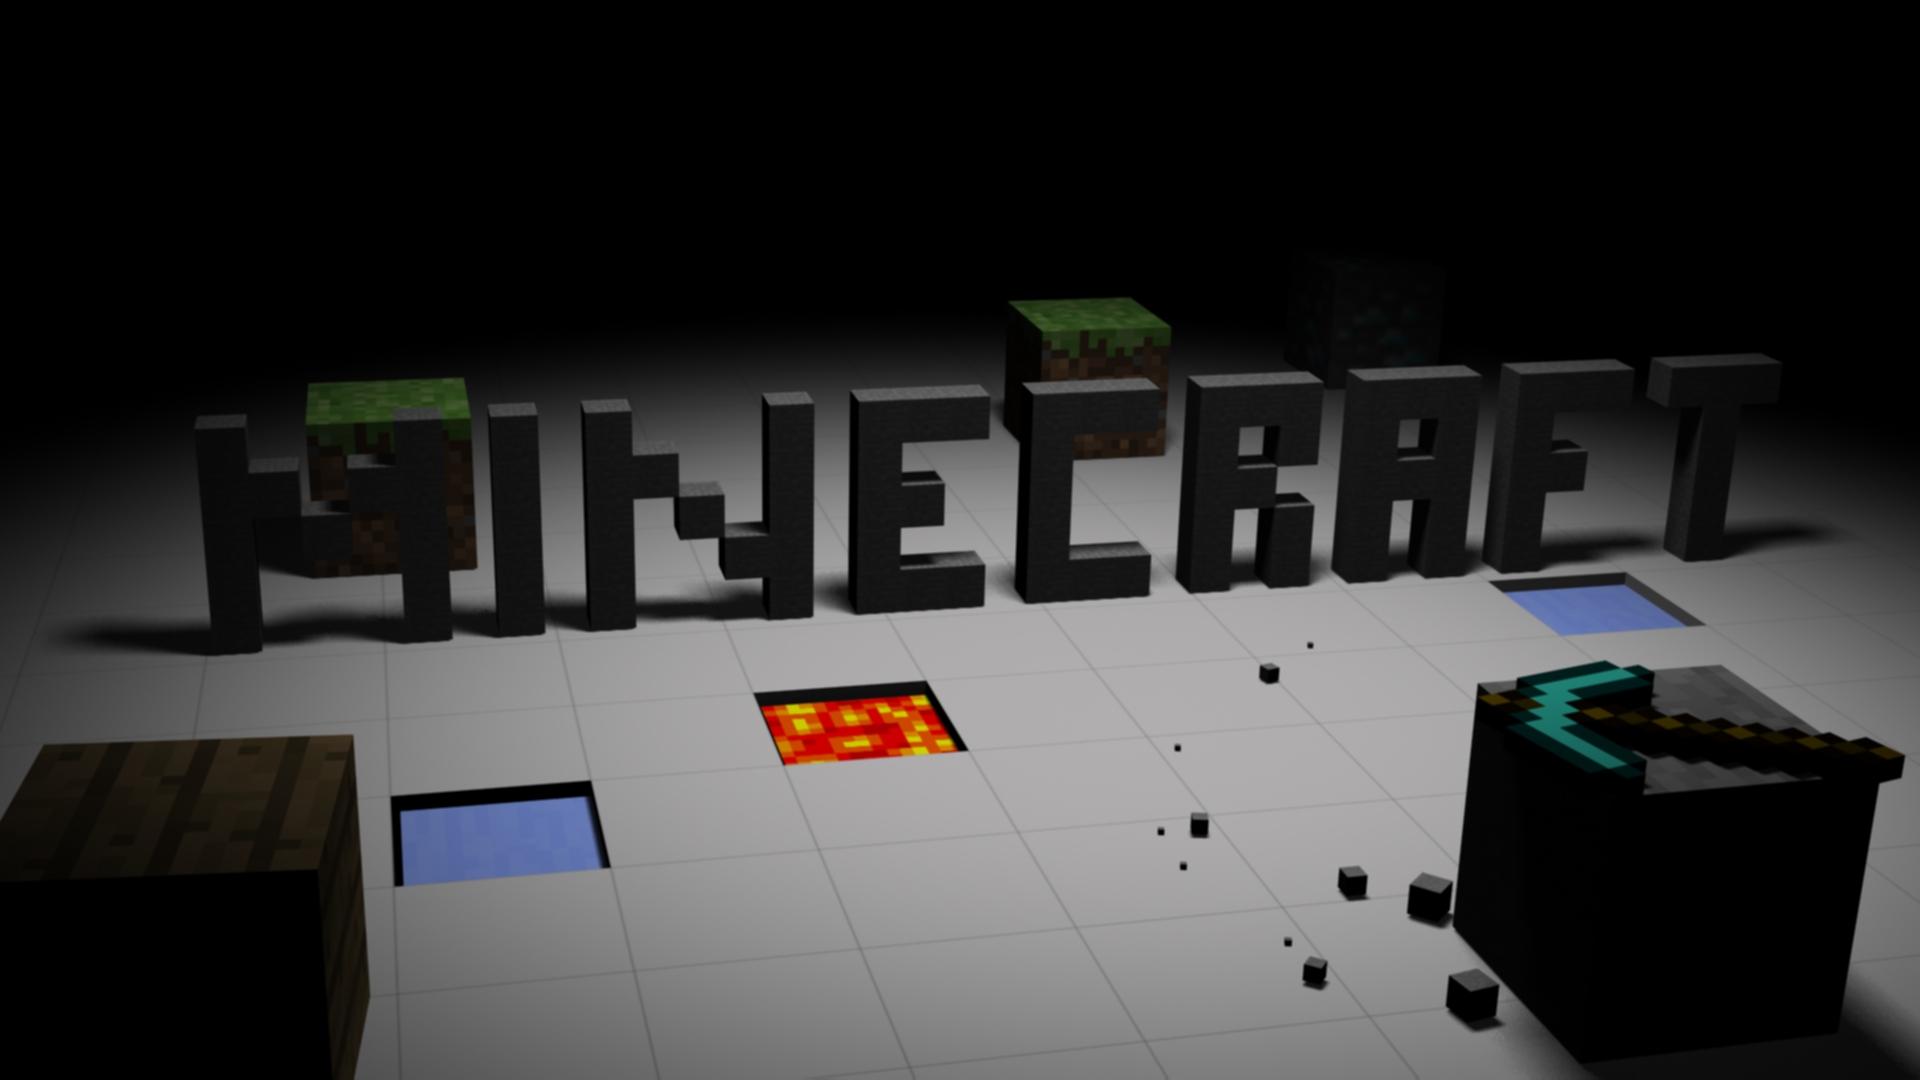 minecraft-wallpaper-7.jpg